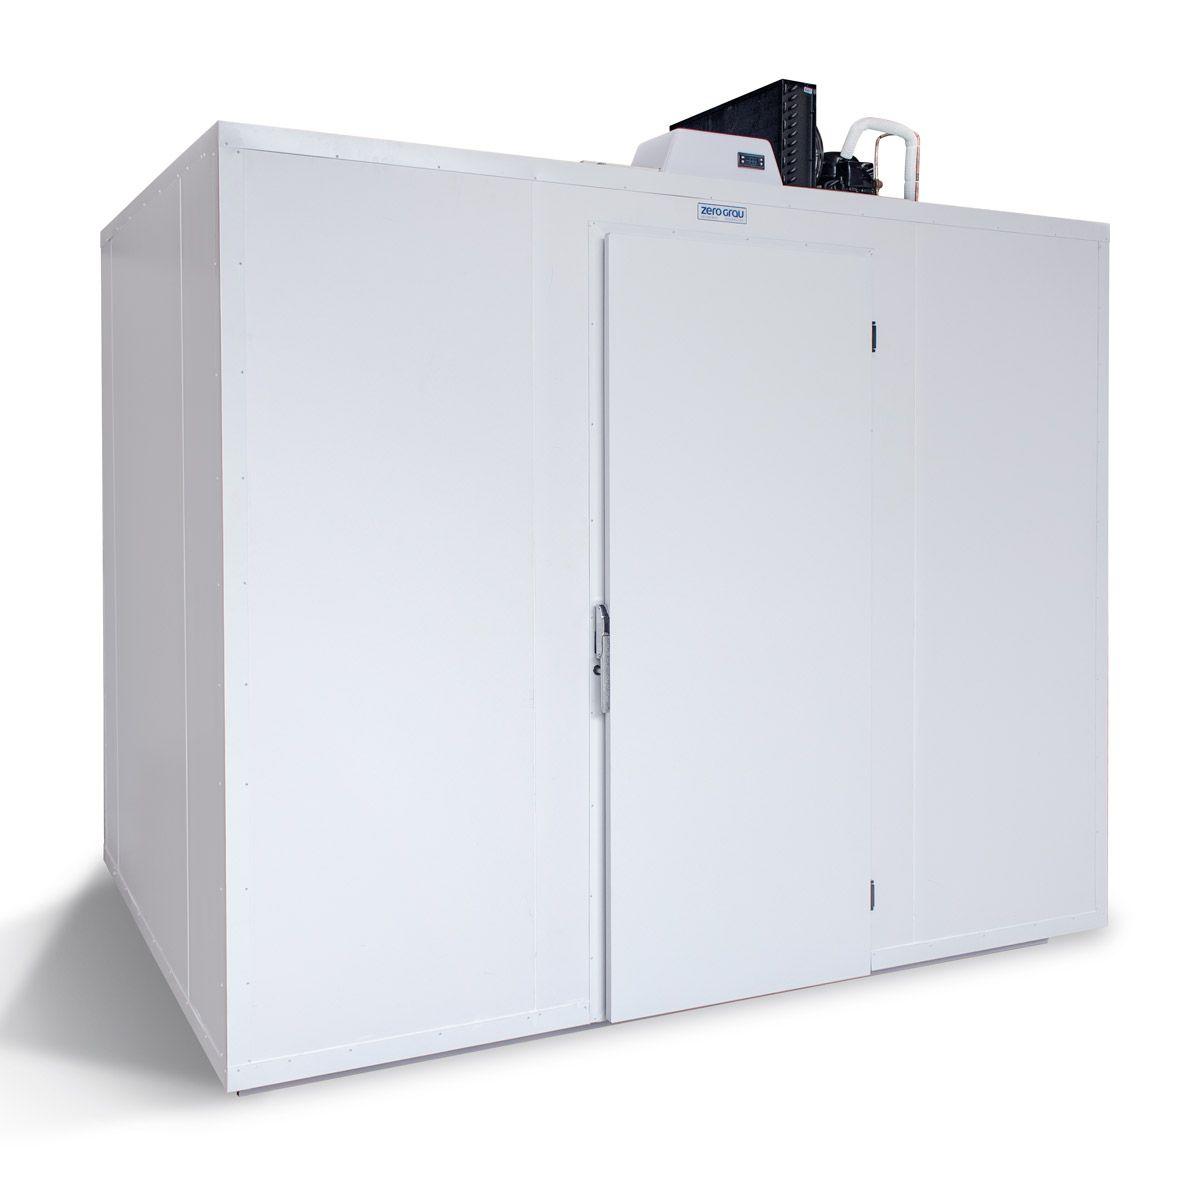 Minicâmara de Painéis Modulares 90 Caixas ou 7150 Litros para Congelados